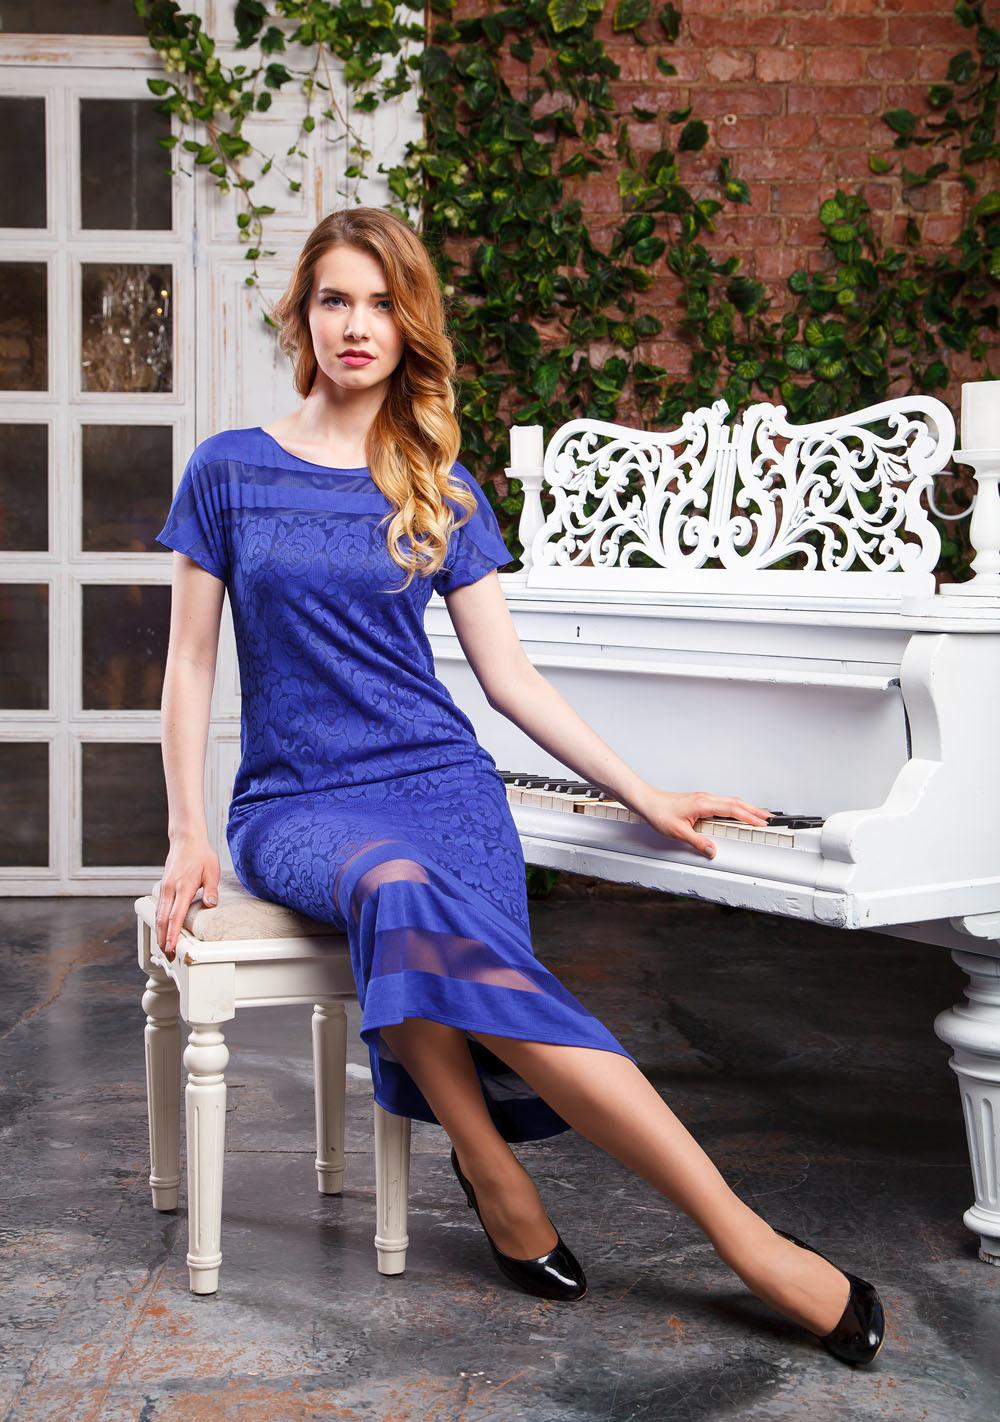 Платье З250а-488 - Платье, из мягкого пластичного кружева на трикотажной подкладке Элегантная модель приталенного силуэта с цельнокроеным рукавом. В нем вы будете чувствовать себя уверенно на любом праздничном мероприятии.